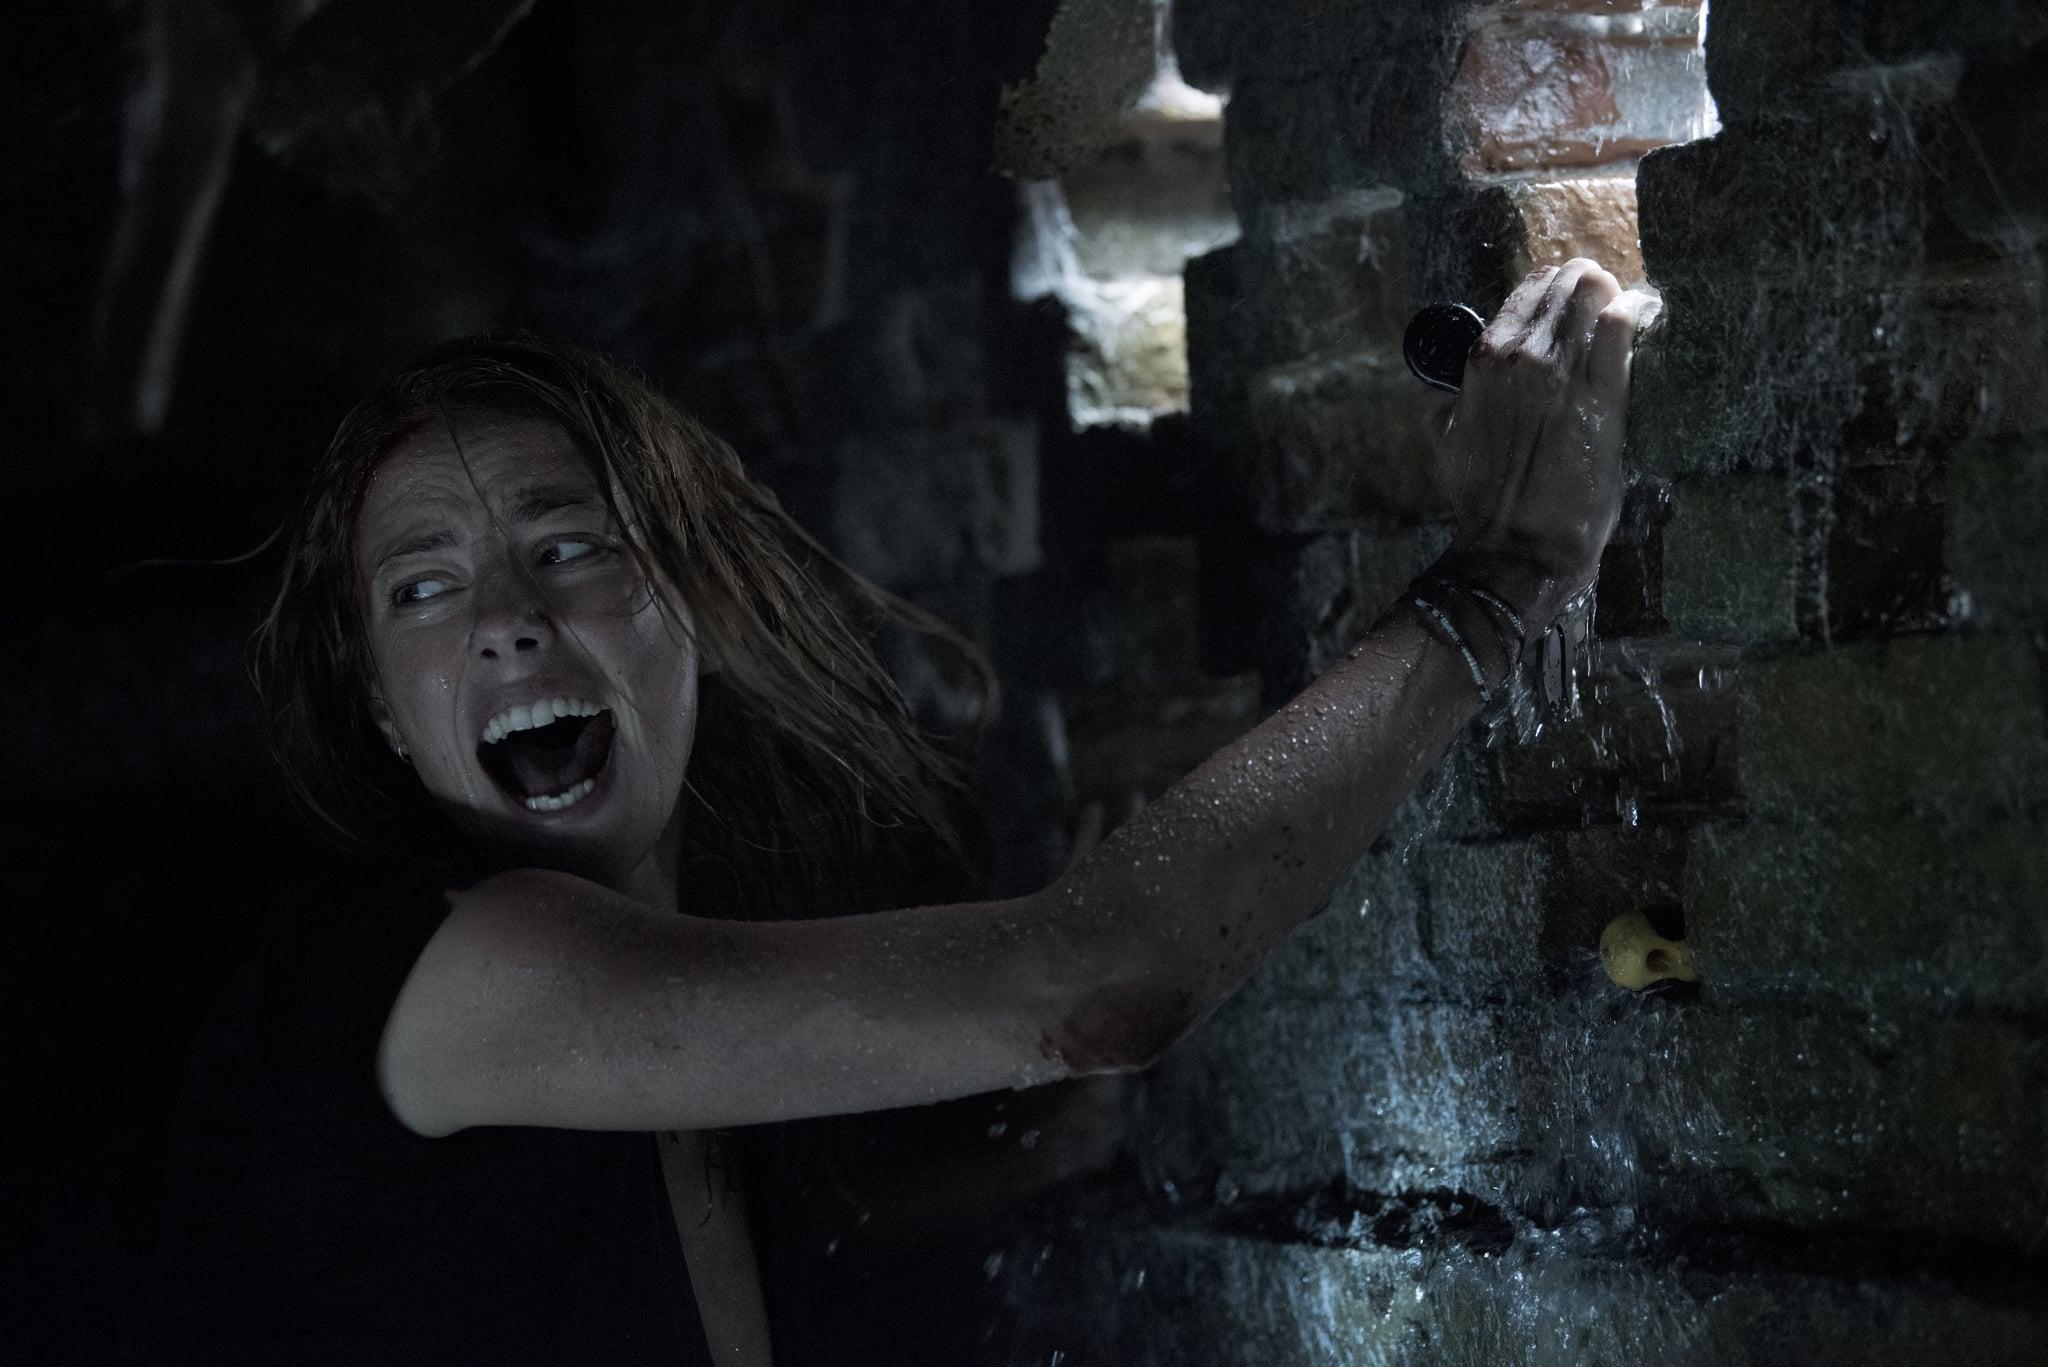 Kaya Scodelario in CRAWL from Paramount Pictures. Photo Credit: Sergej Radovic.